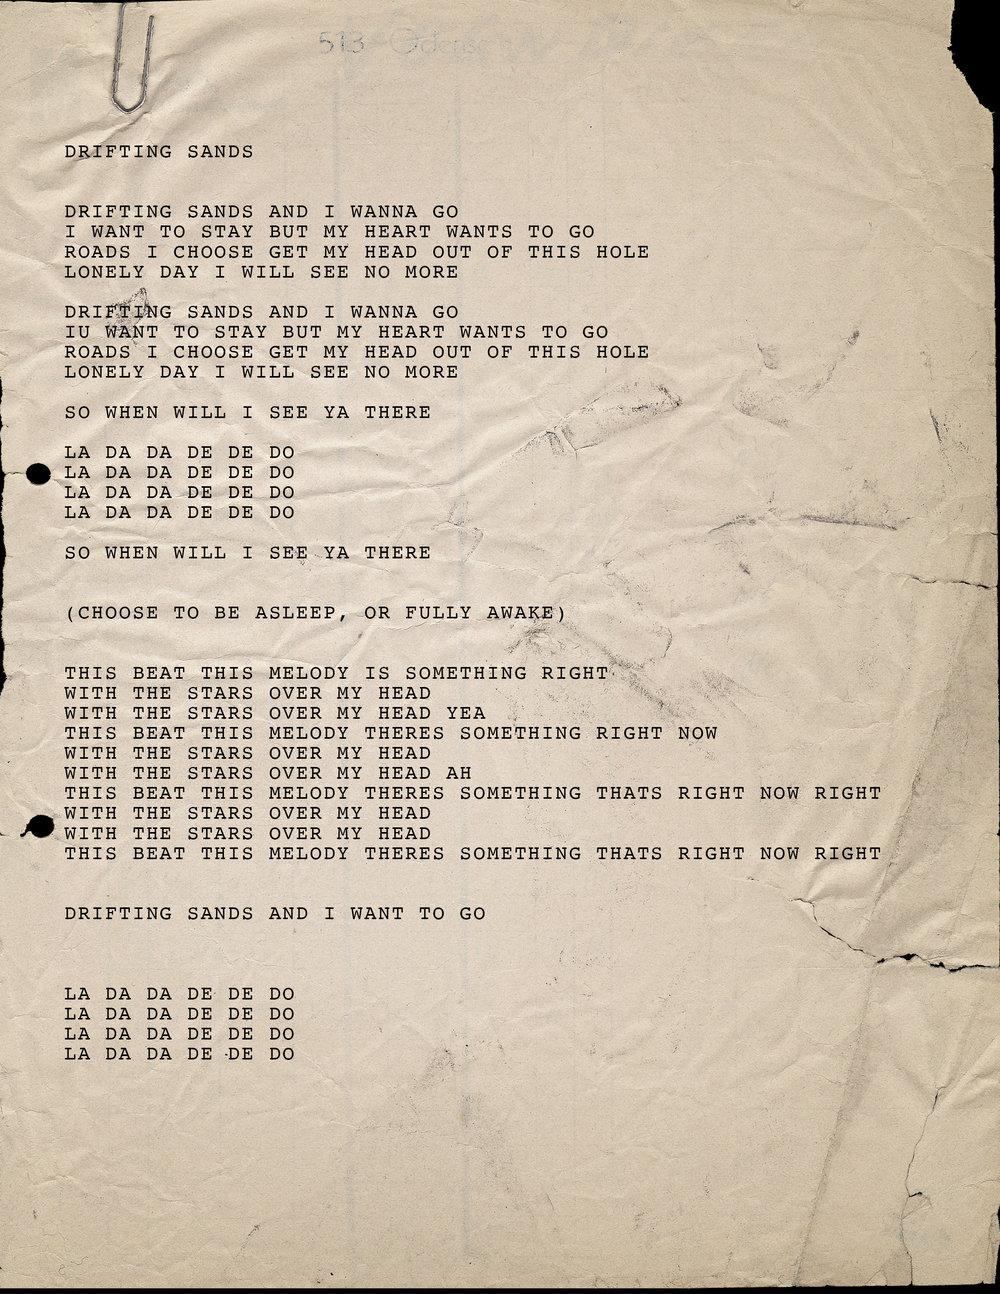 4. Drifting Sands Lyrics.jpg